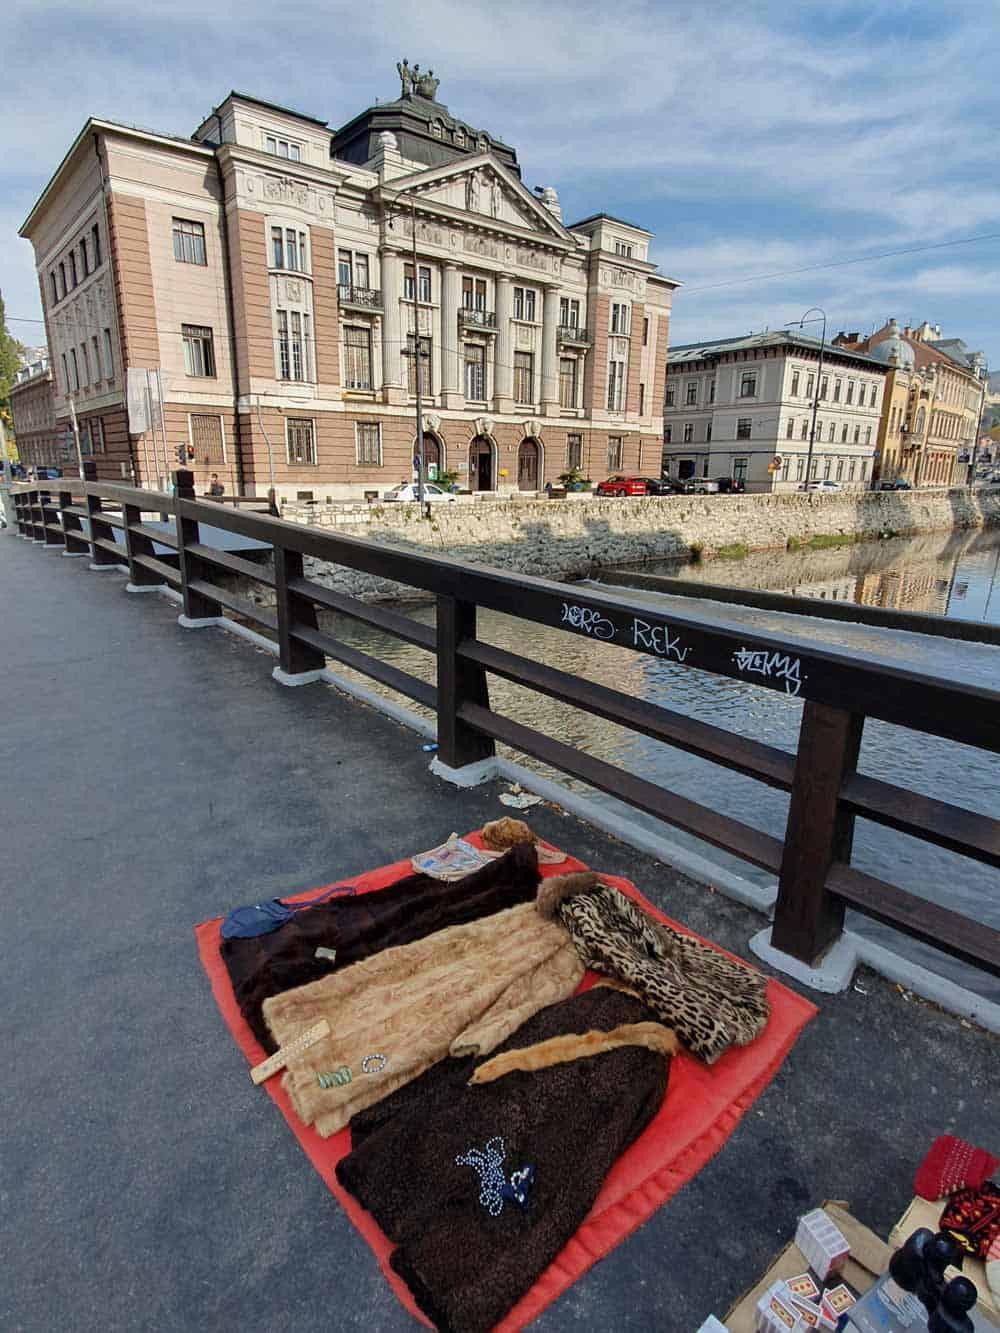 Siromaštvo kuca na vrata: Žena prodaje bundu na mostu preko Miljacke